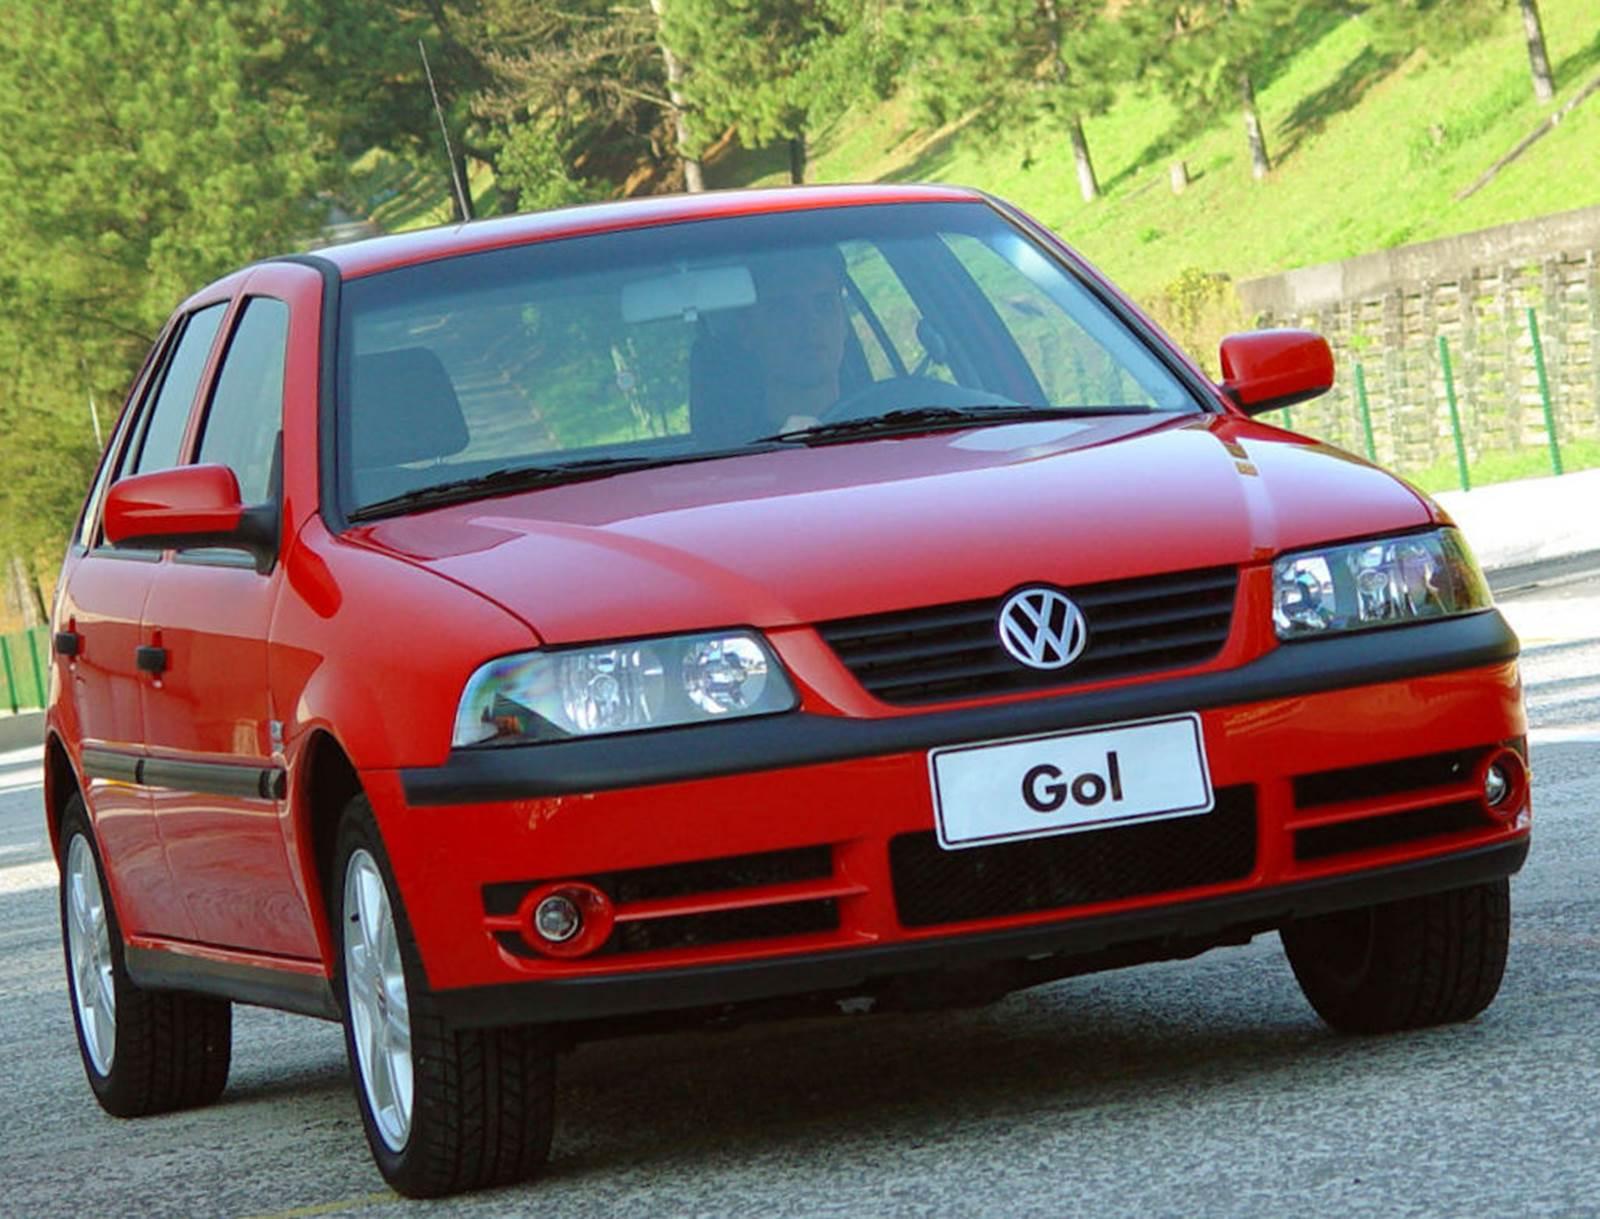 VW Gol - carro mais vendido do Brasil em 2002